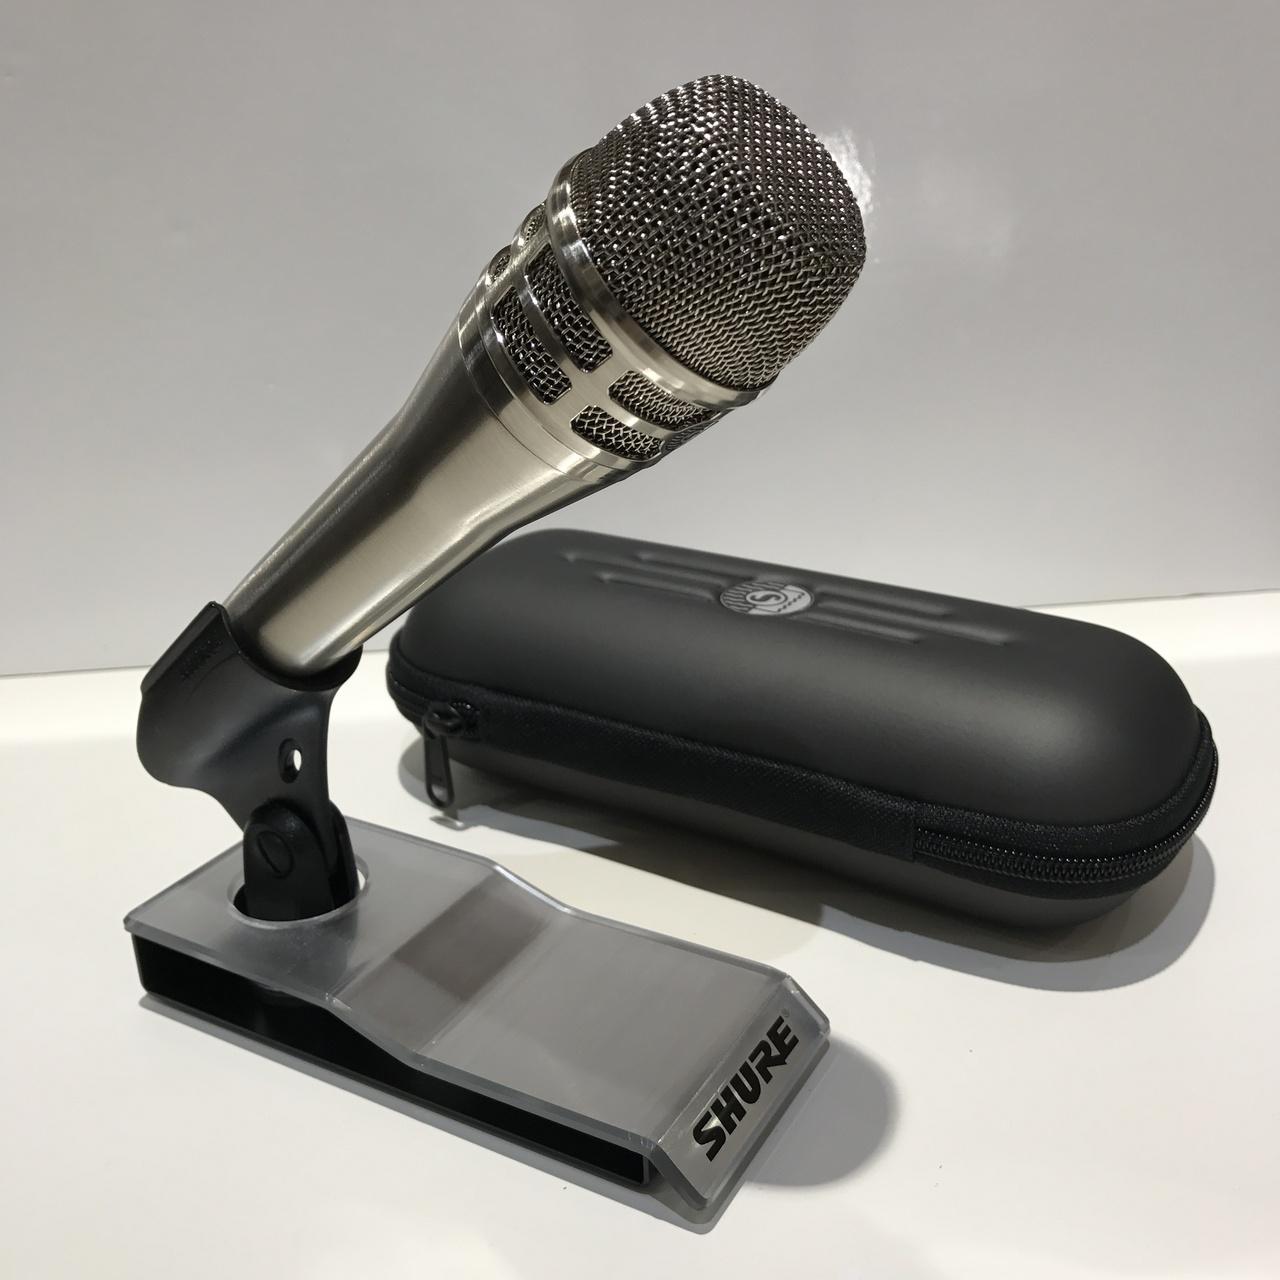 Shure KSM8 / N nickel cardioid dynamic vocal microphone